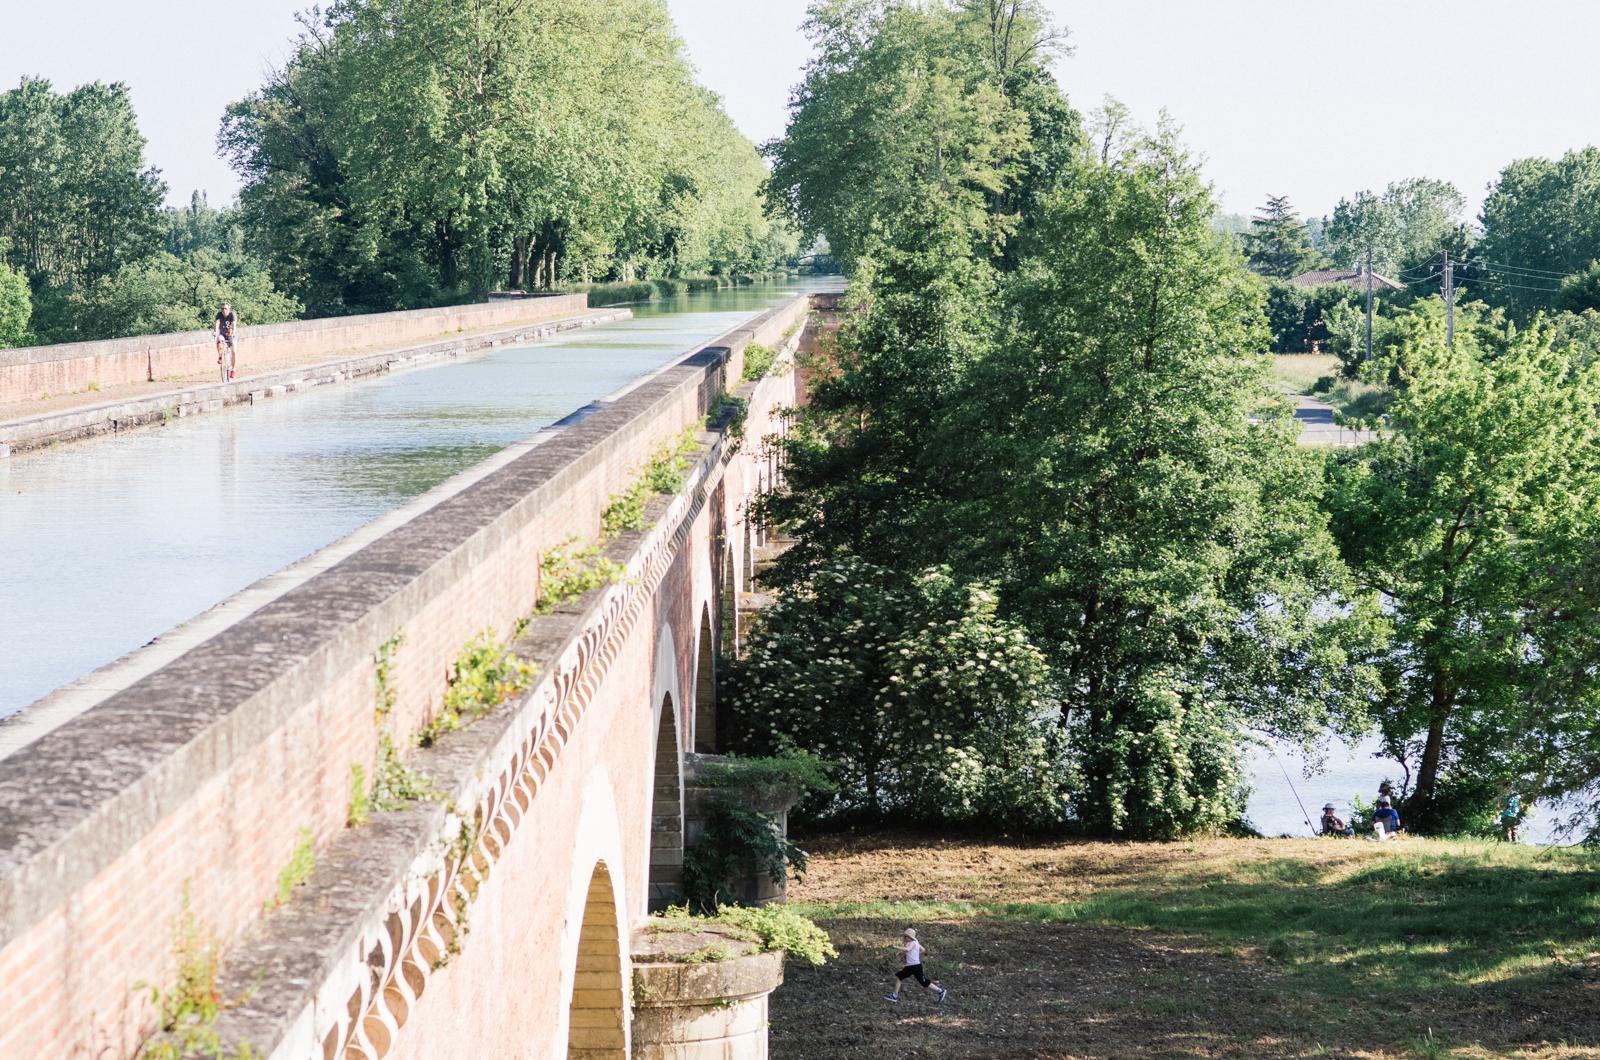 Sur le pont canal du Cacor - Carnet de voyage Tarn-et-Garonne